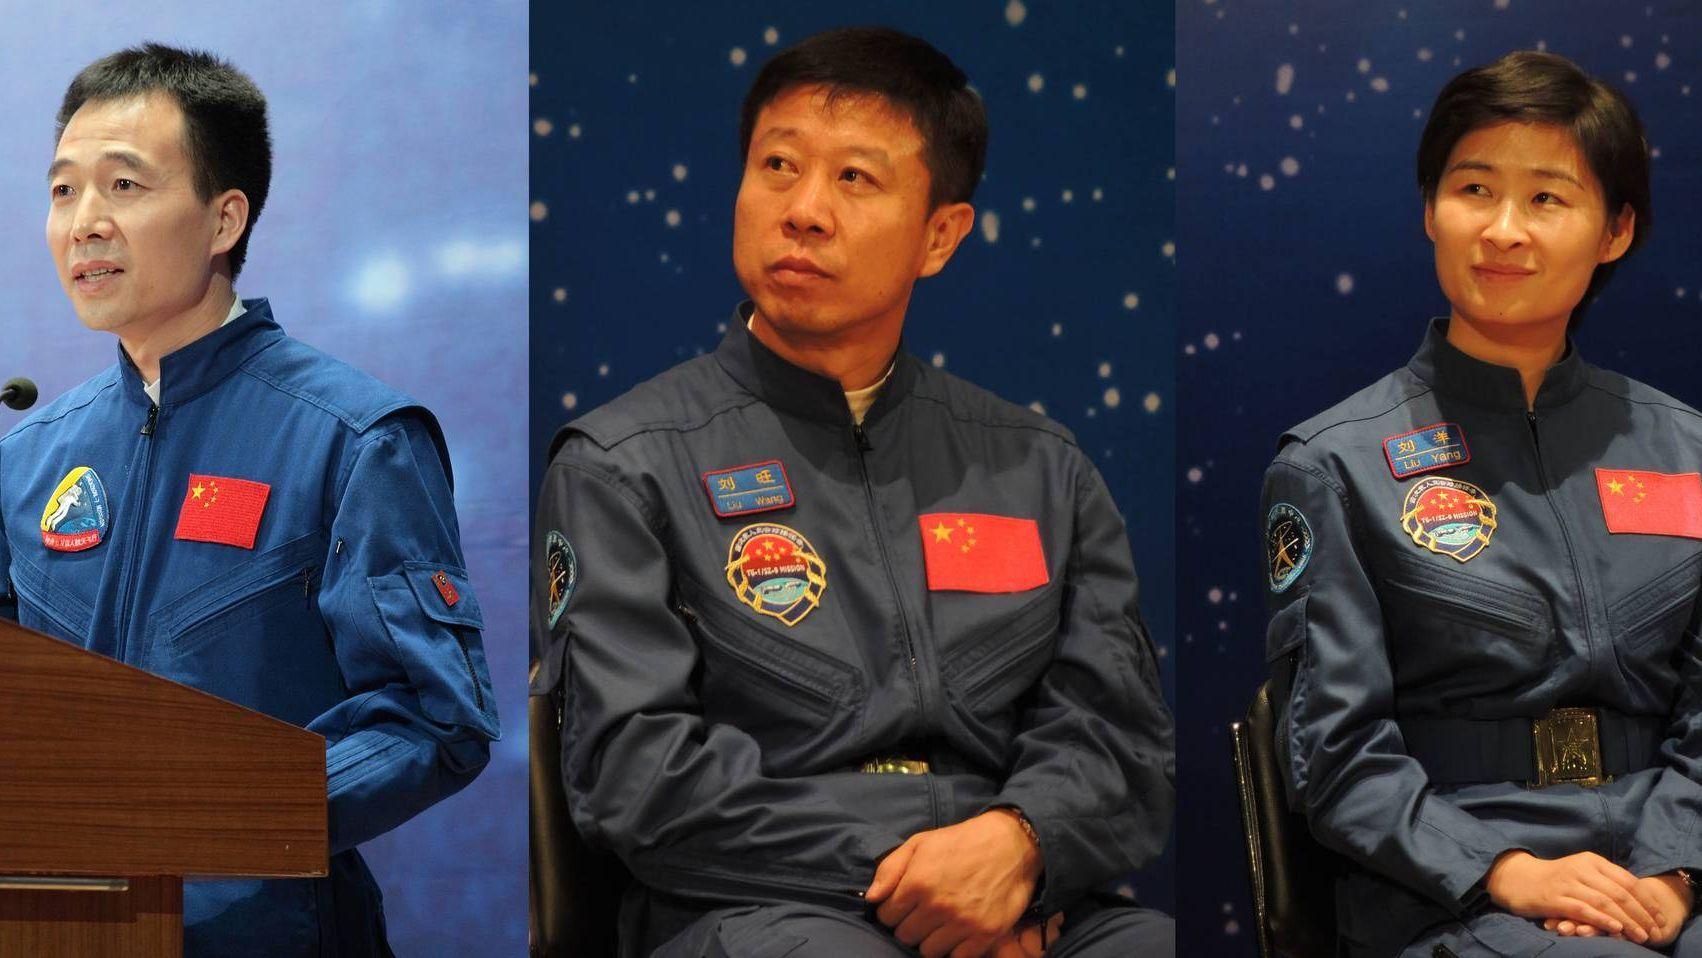 Китайские космонавты Экипаж космического корабля Shenzhou 9